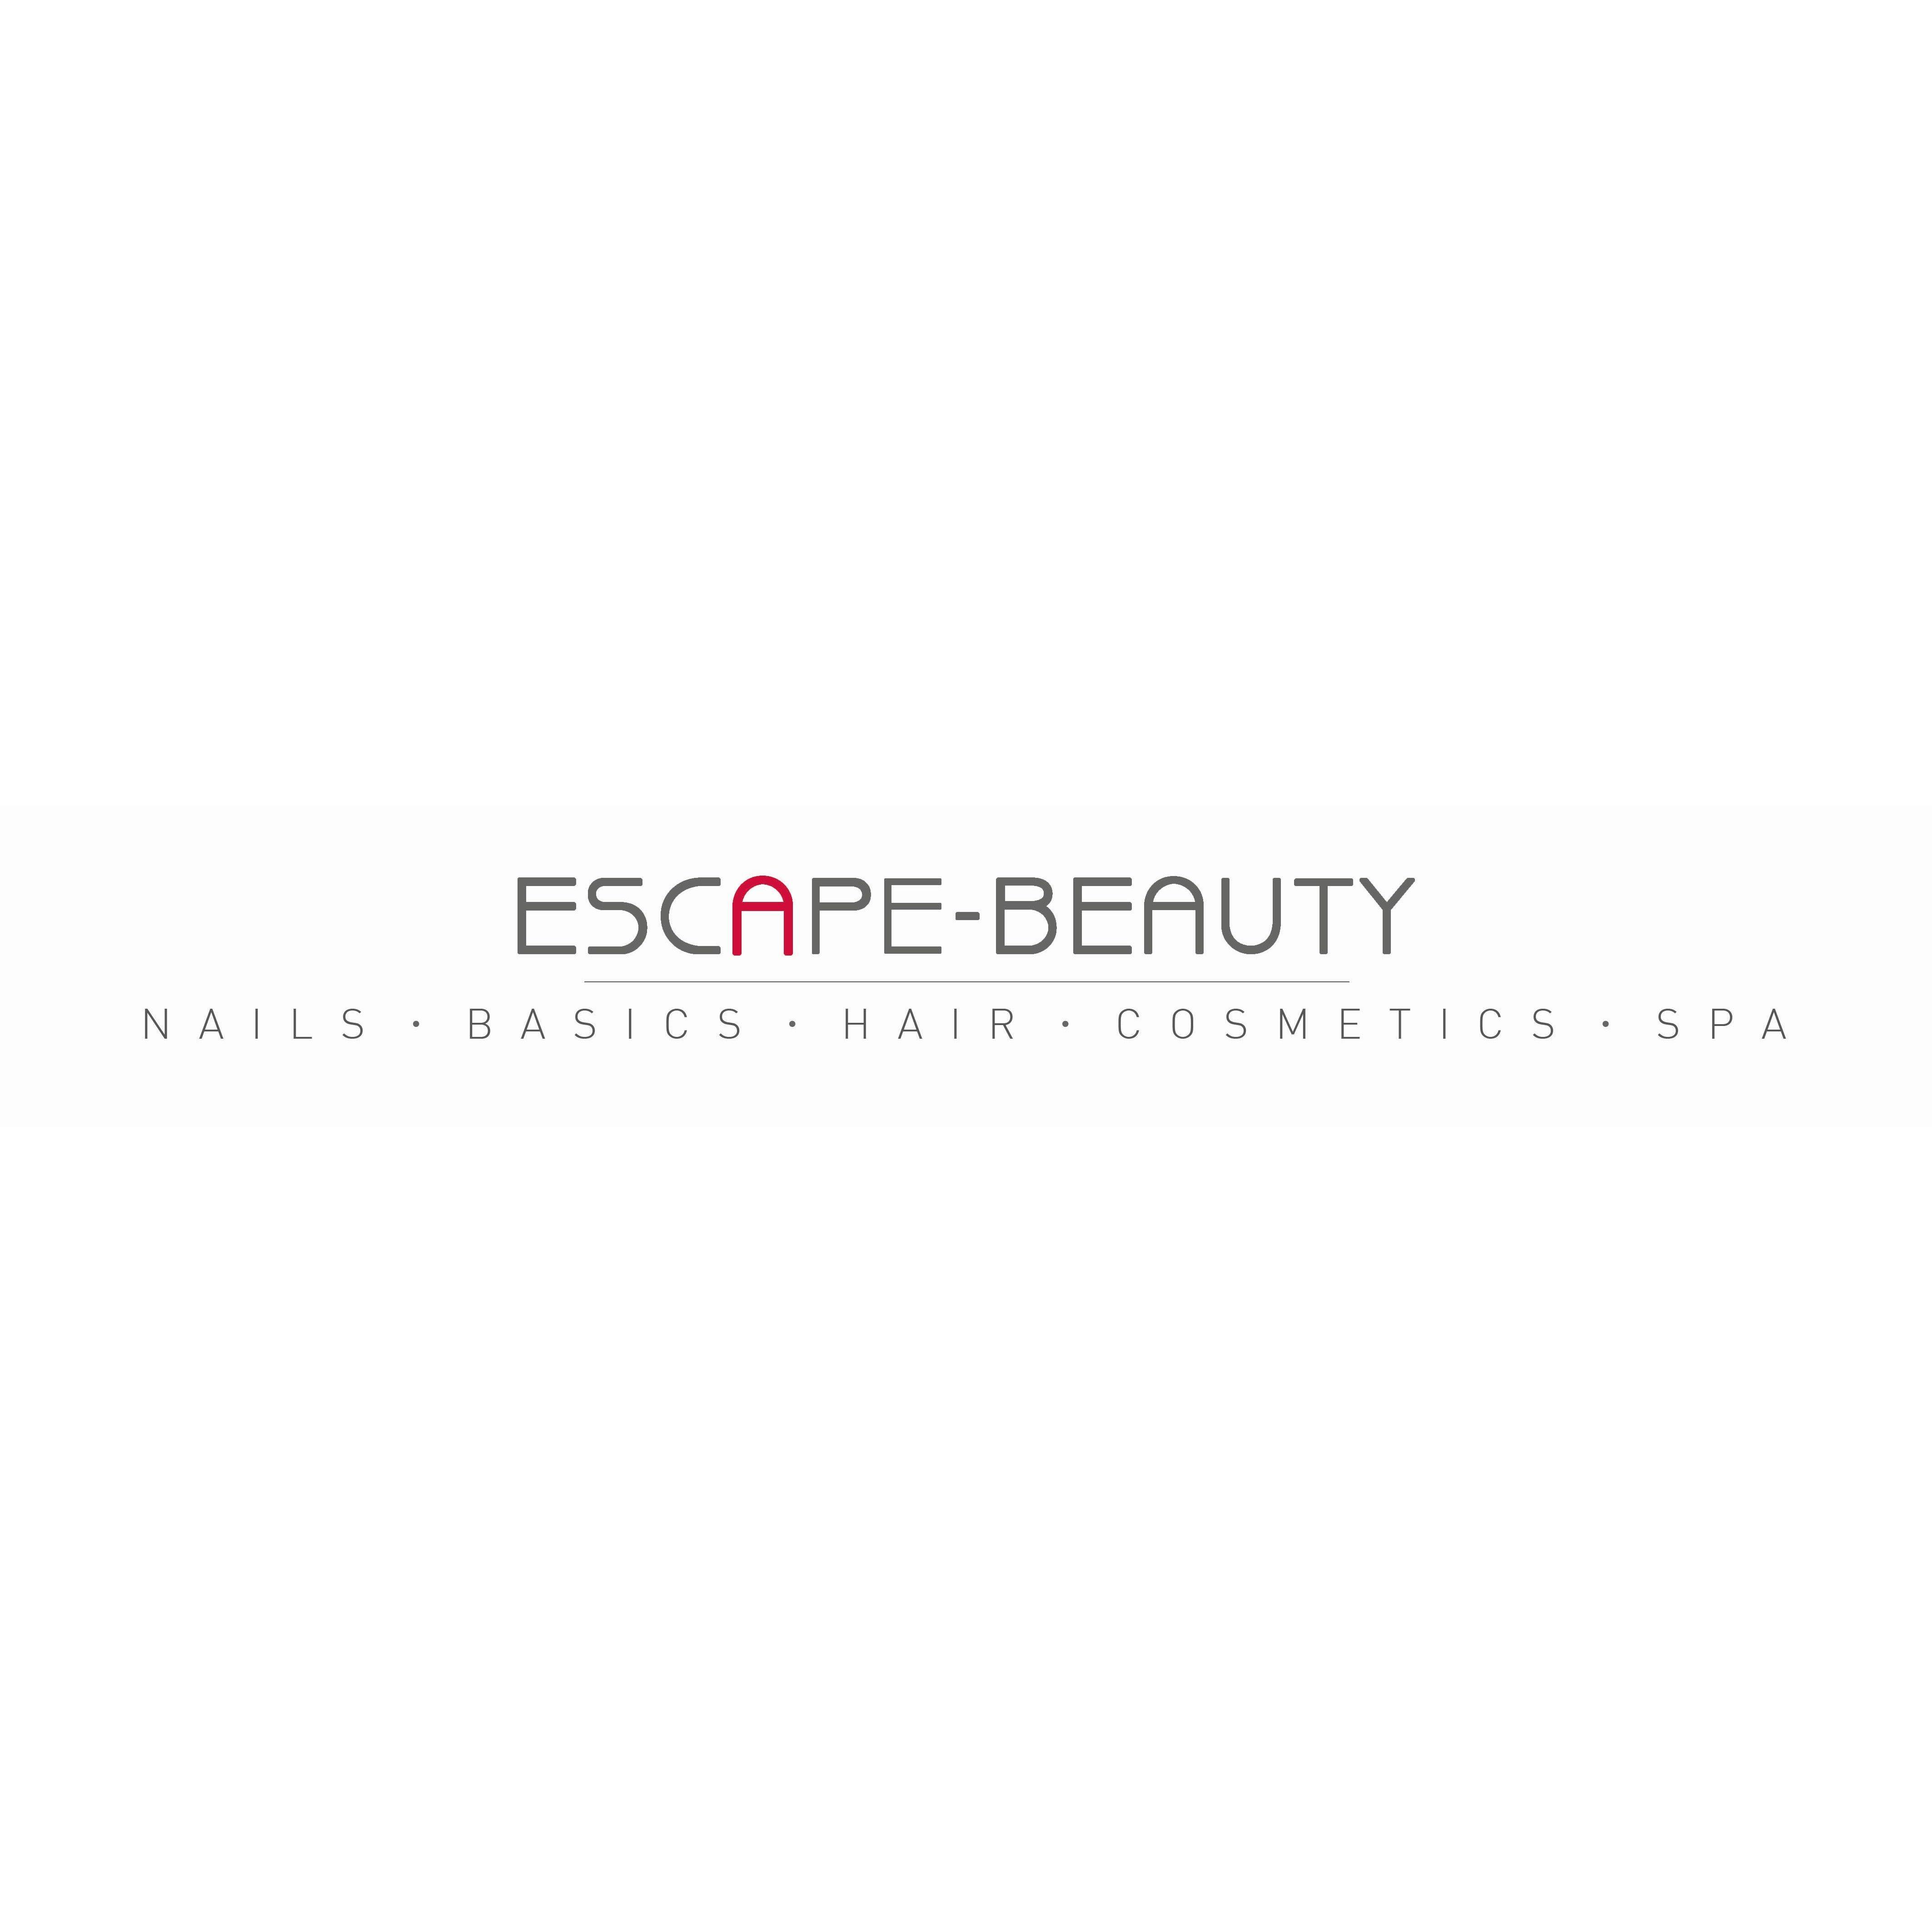 Logo Escape-Beauty